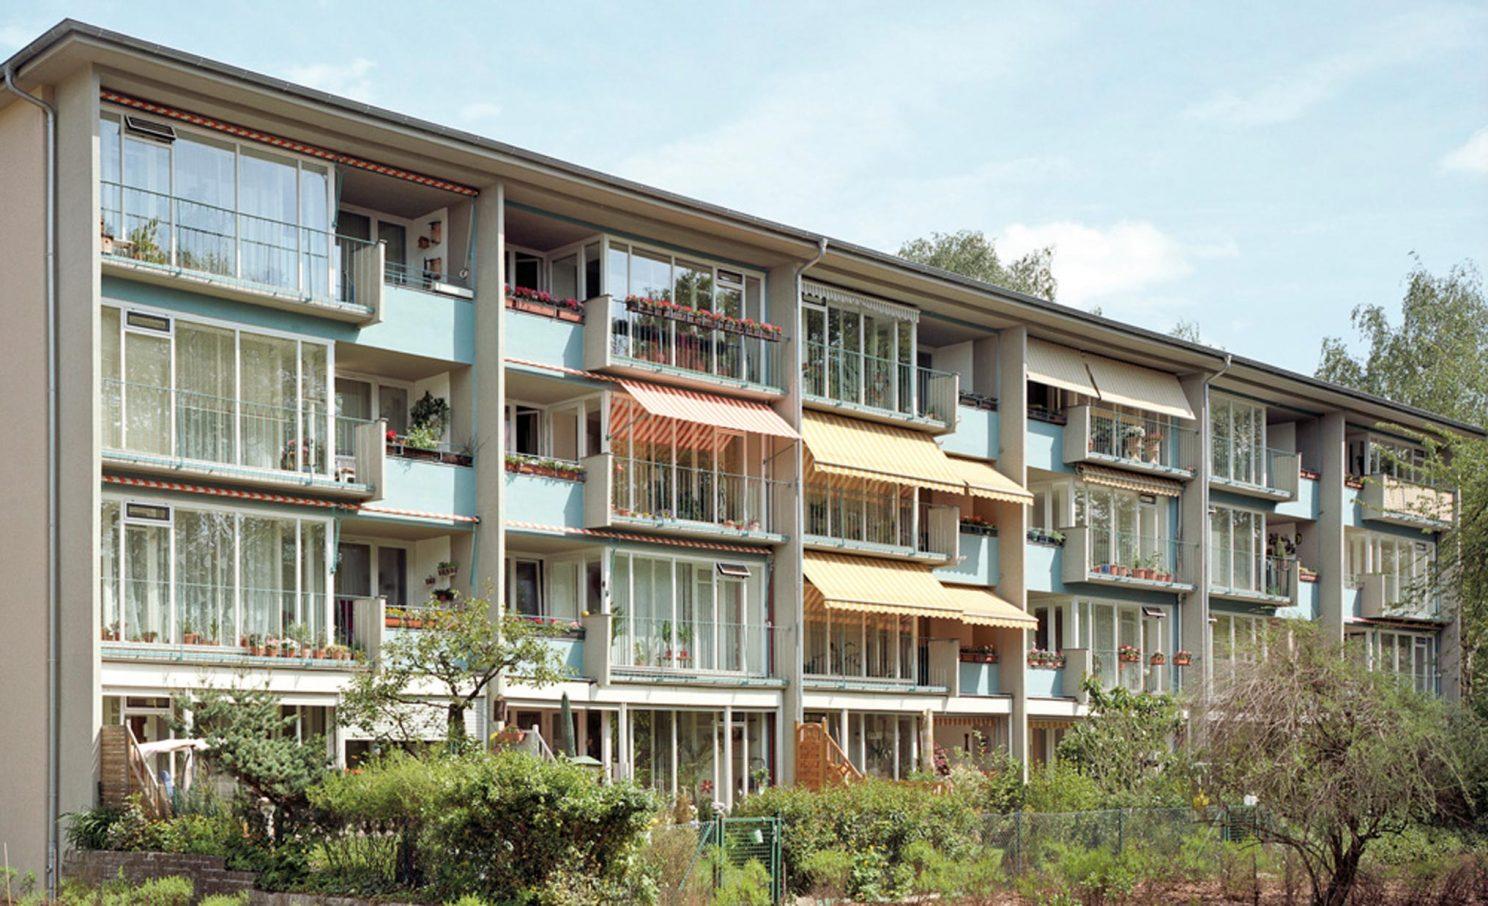 Glas Hoffmann Bauten Siedlung Schillerpark Brenne Architekten